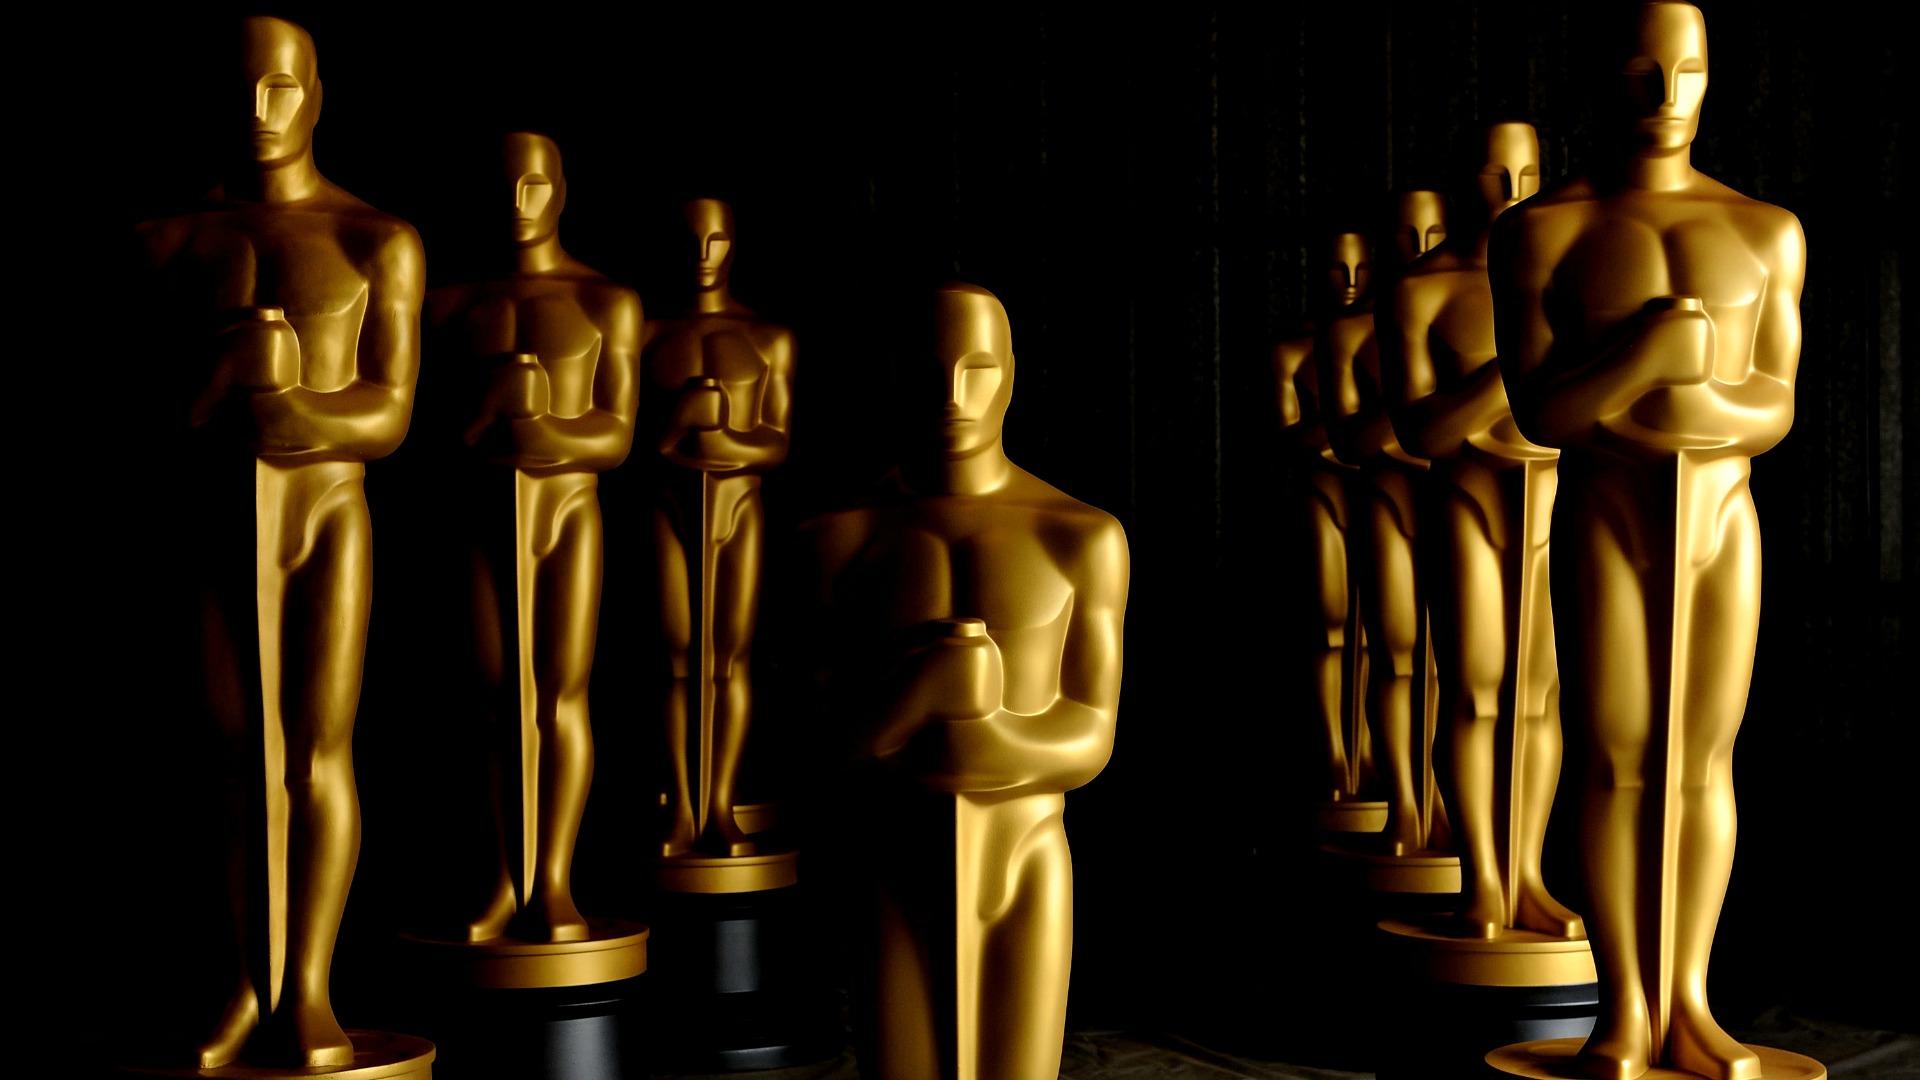 Ρεκόρ συμμετοχών για Οσκαρ ξενόγλωσσης ταινίας: 83 χώρες κατέθεσαν υποψηφιότητα